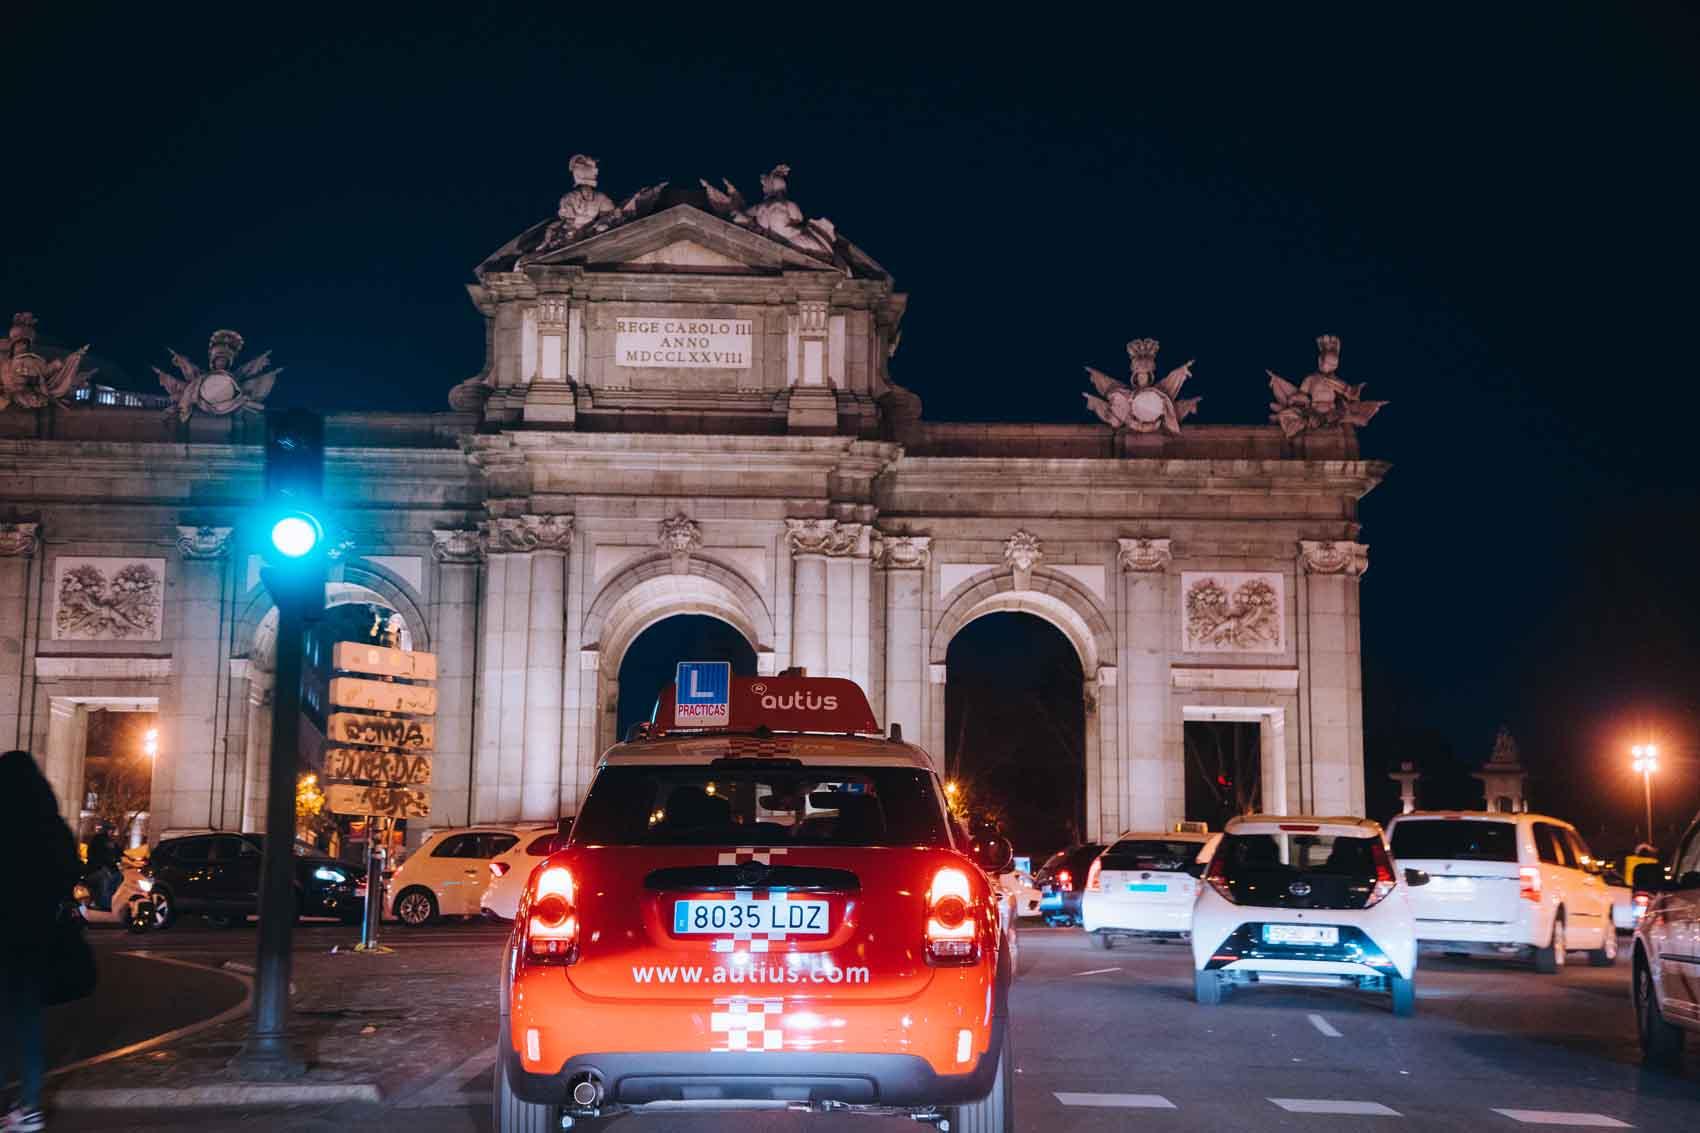 autoescuela autius madrid arguelles mini noche